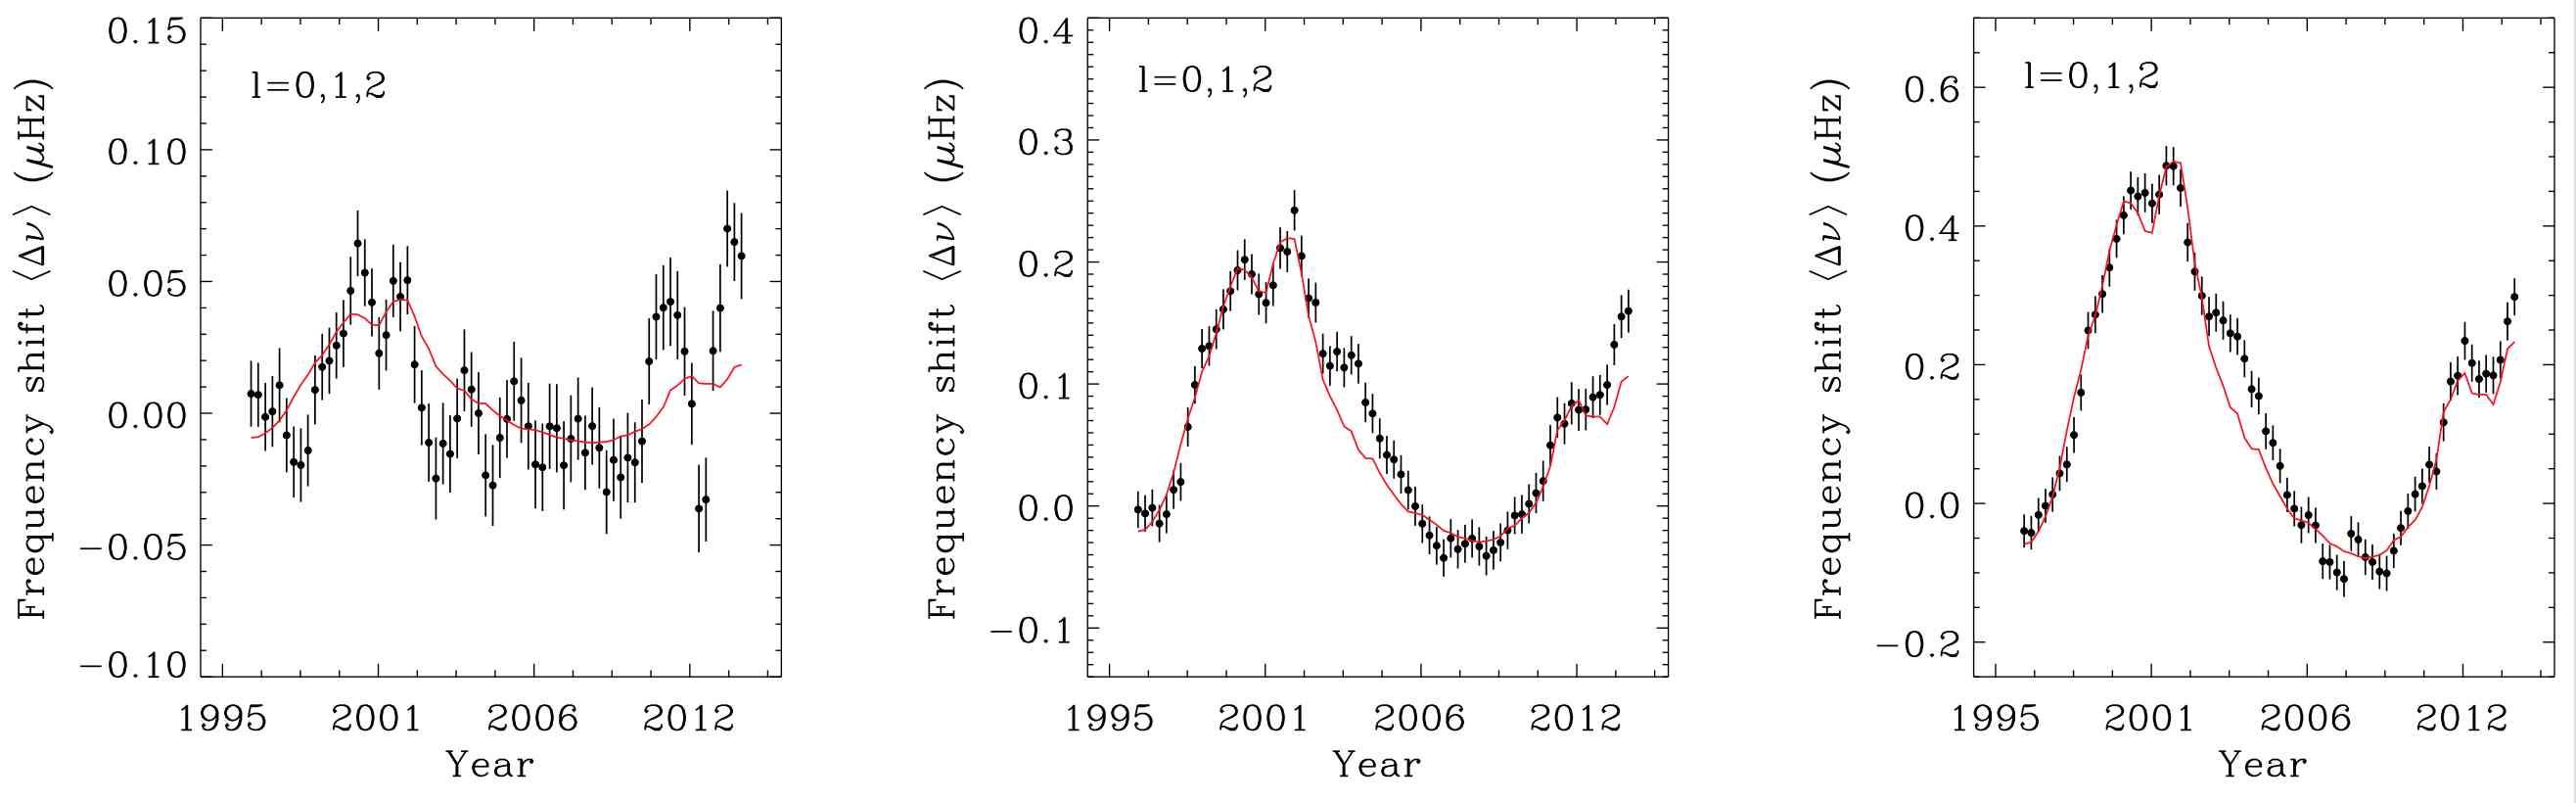 Fréquences d'oscillations du Soleil